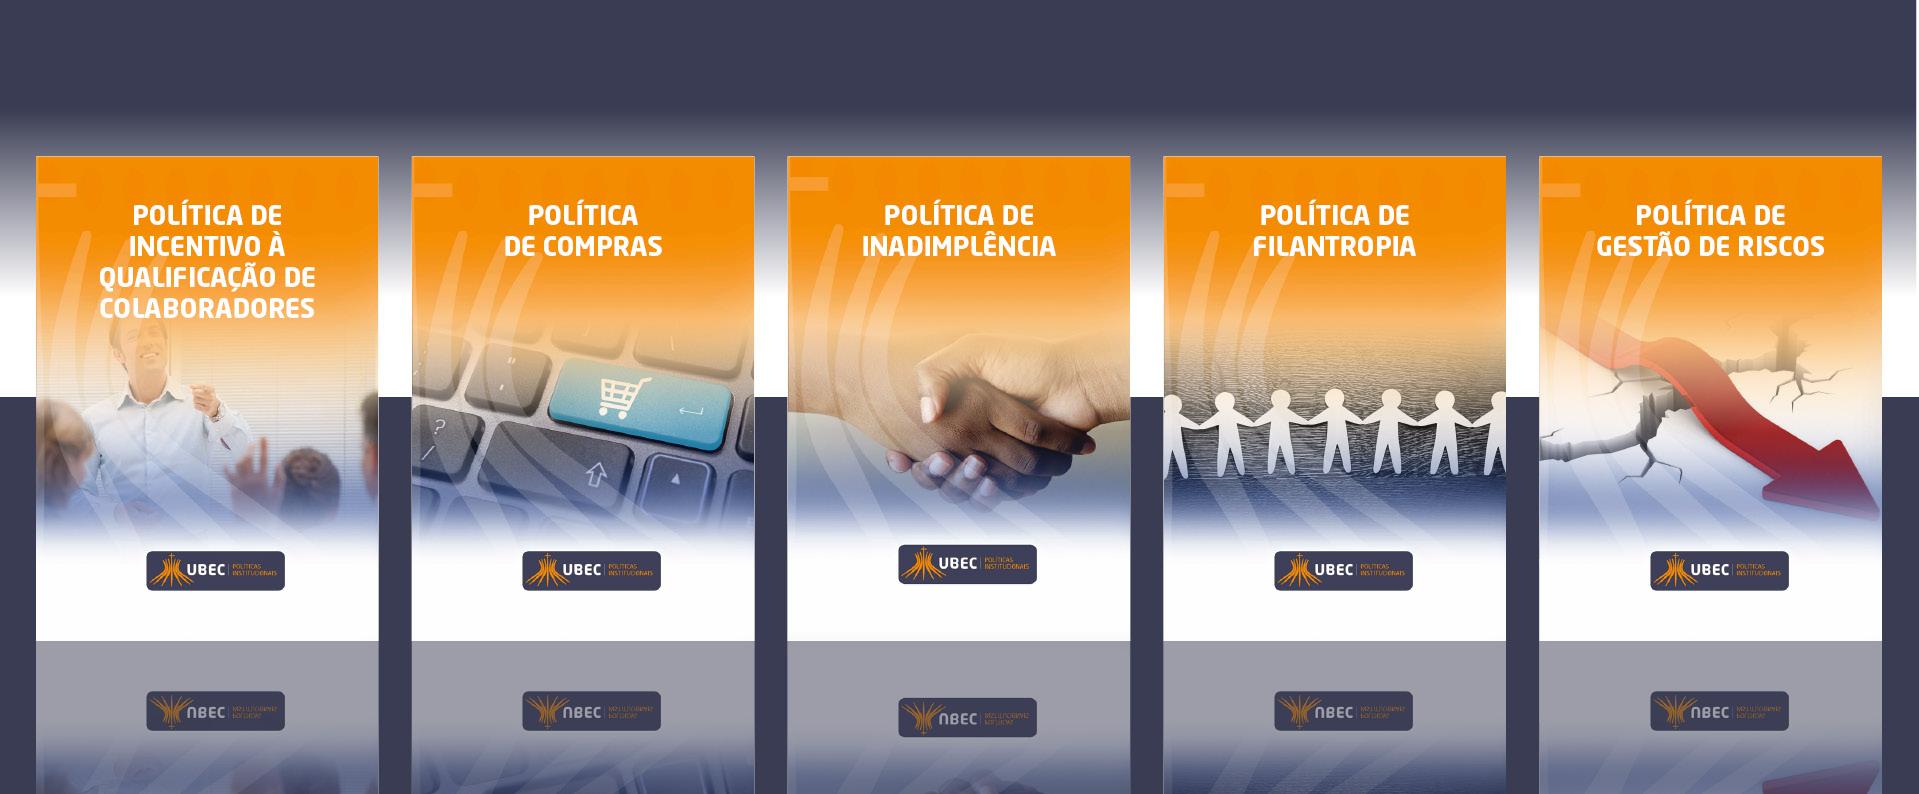 projeto-grafico-livro-diagramacao-publicacao-ubec-catolica-brasilia 2